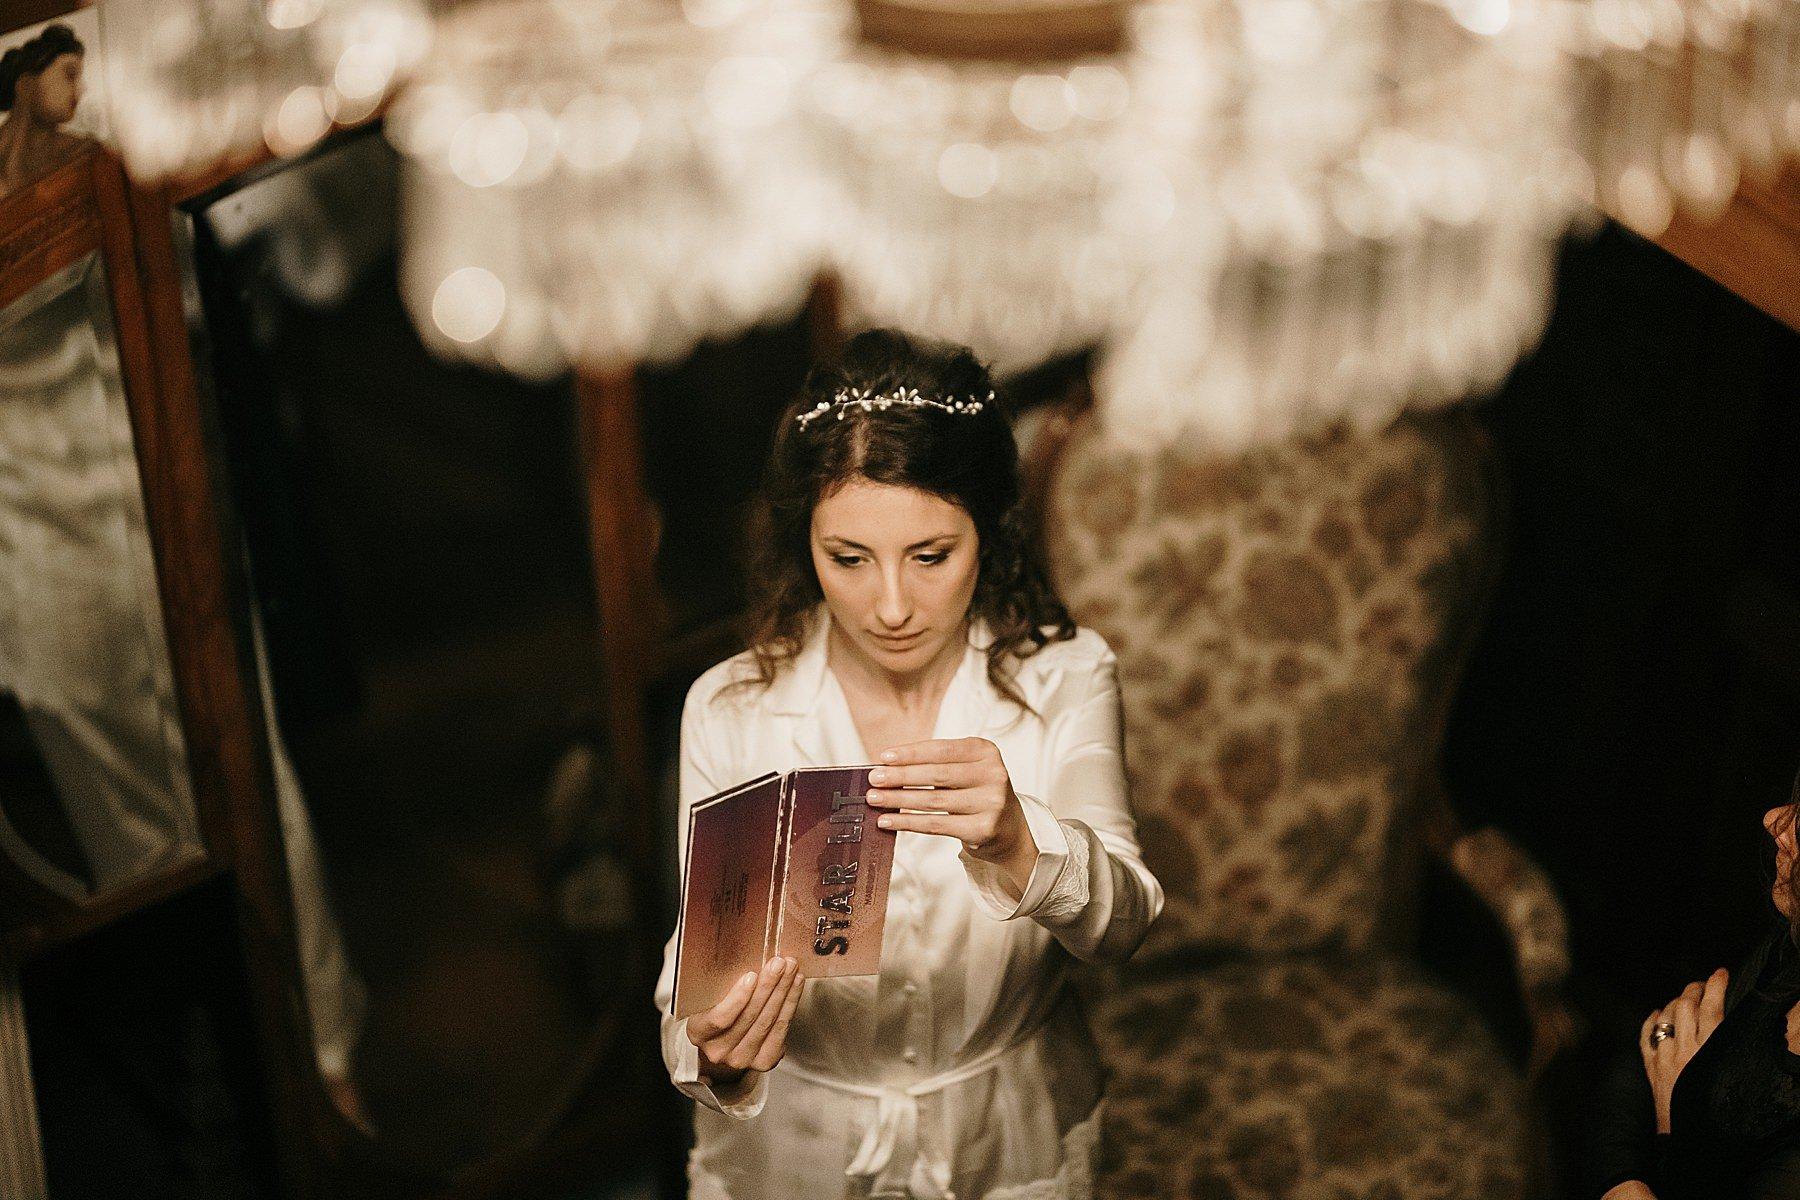 fotografia di matrimonio a firenze in inverno 714